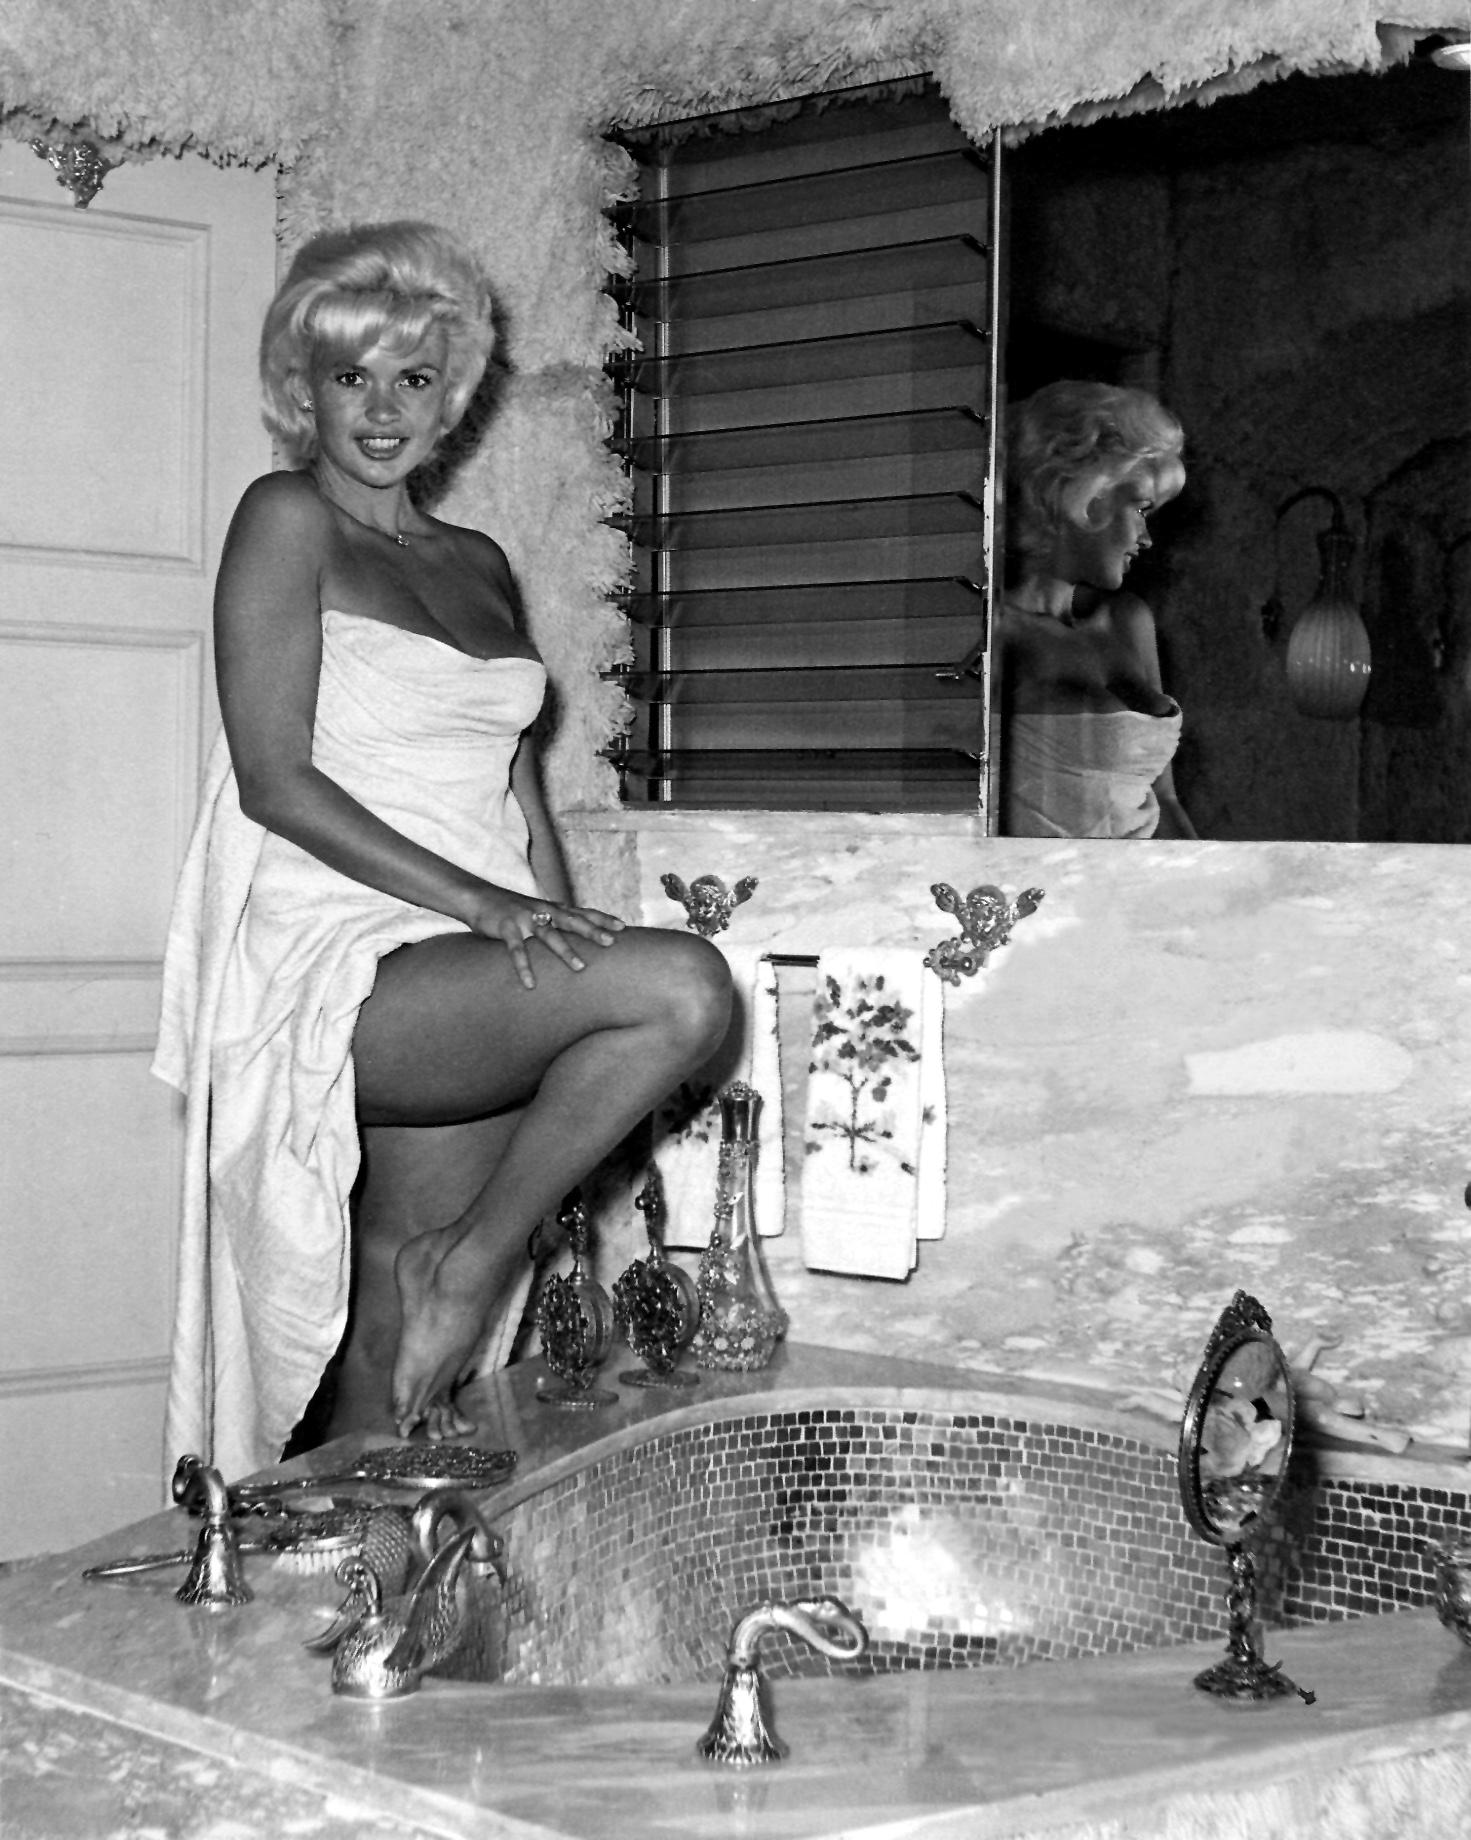 Bikini Laurence Olivier (1907-1989) nude (47 fotos) Topless, iCloud, panties